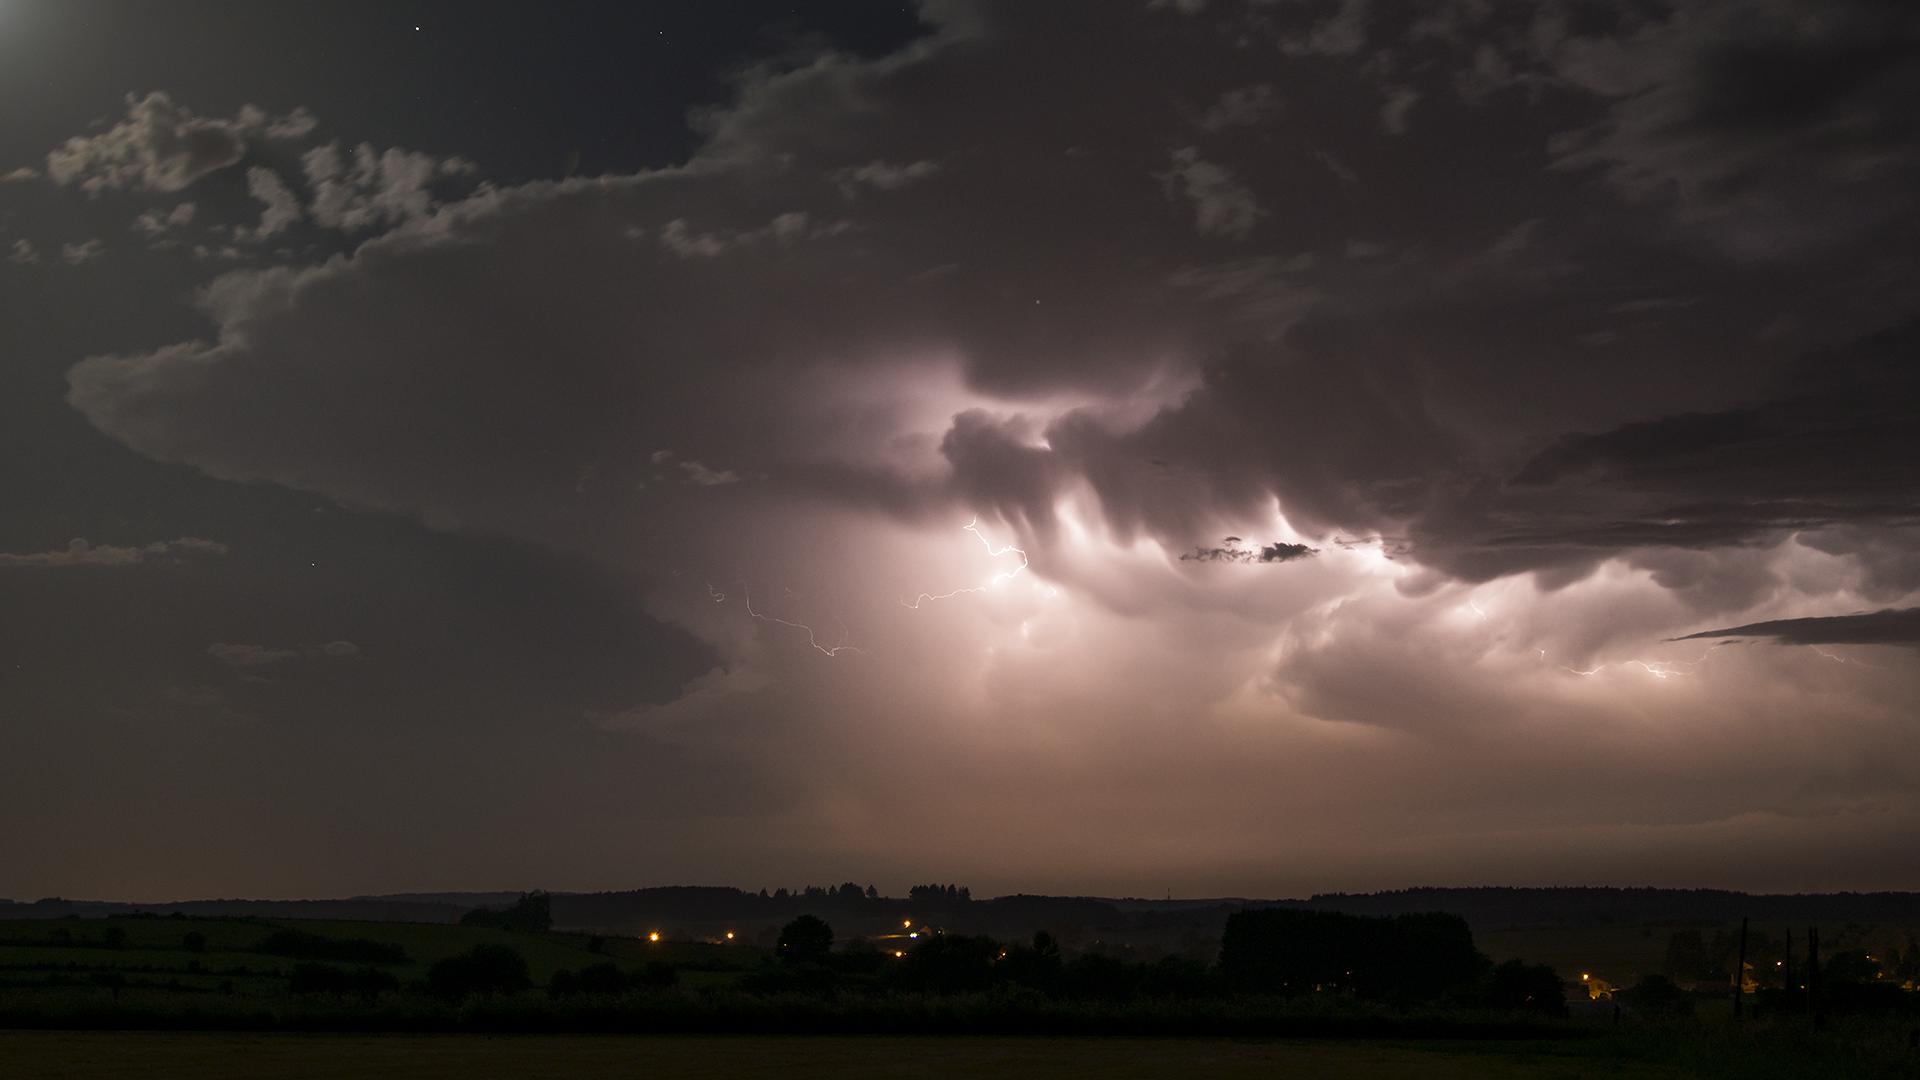 Instants d'orages – Activité électrique intense au sein d'un orage supercellulaire nocturne